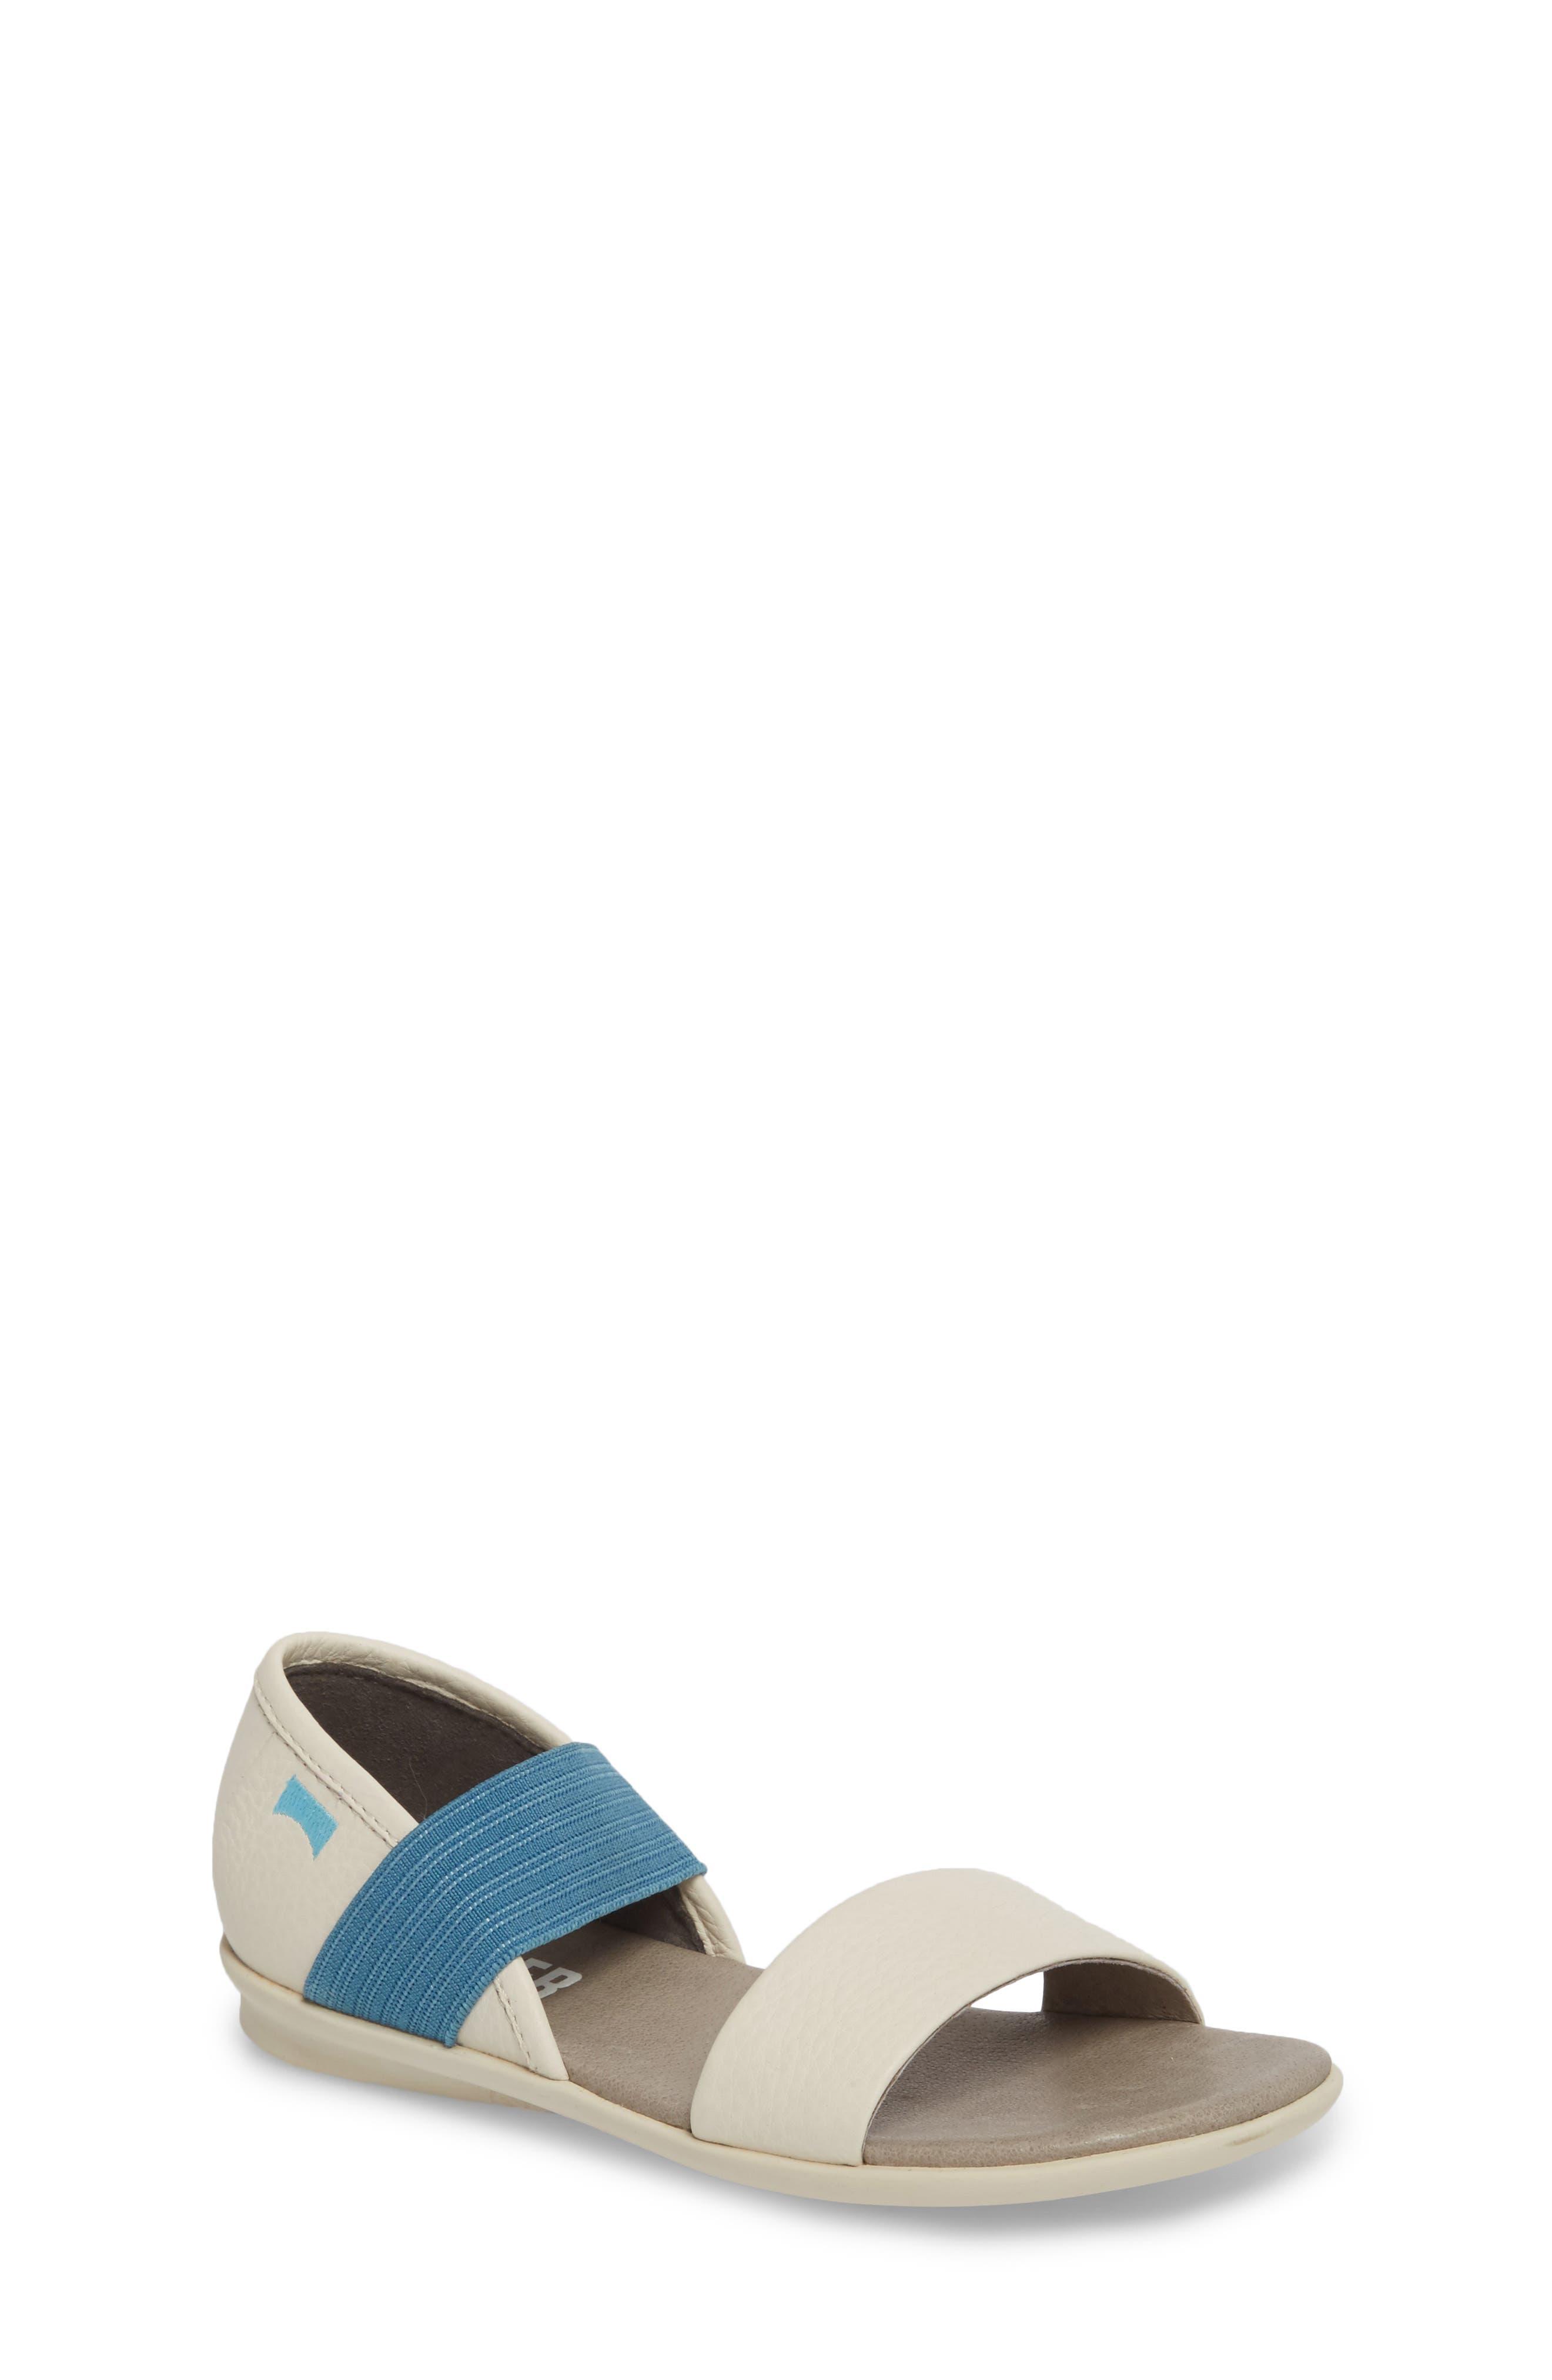 Right Sandal,                             Main thumbnail 1, color,                             WHITE